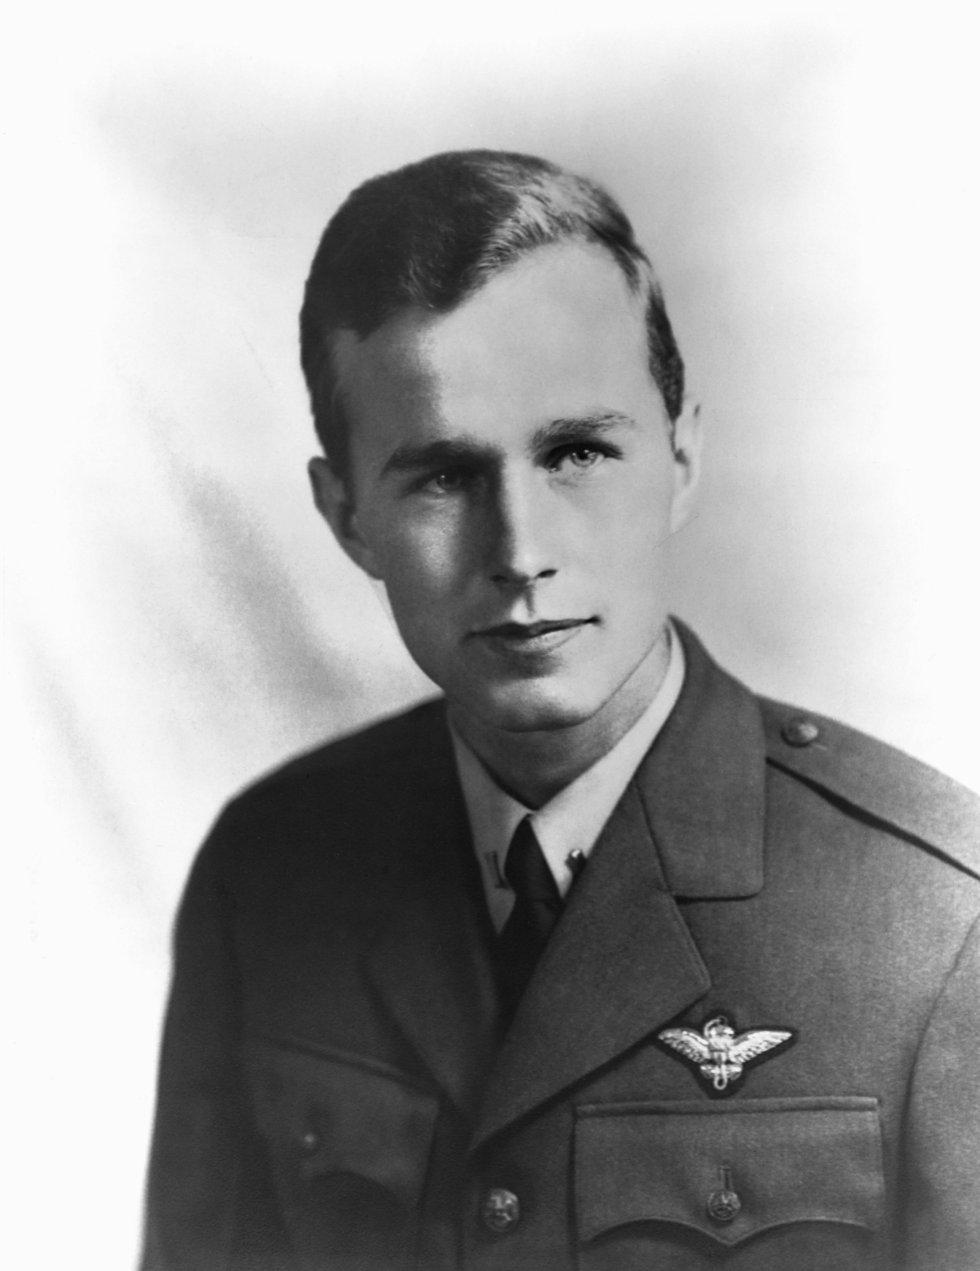 George H. W. Bush a los 18 años al ingresar en la Armada de los Estados Unidos en 1941 tras el ataque de Pearl Harbor